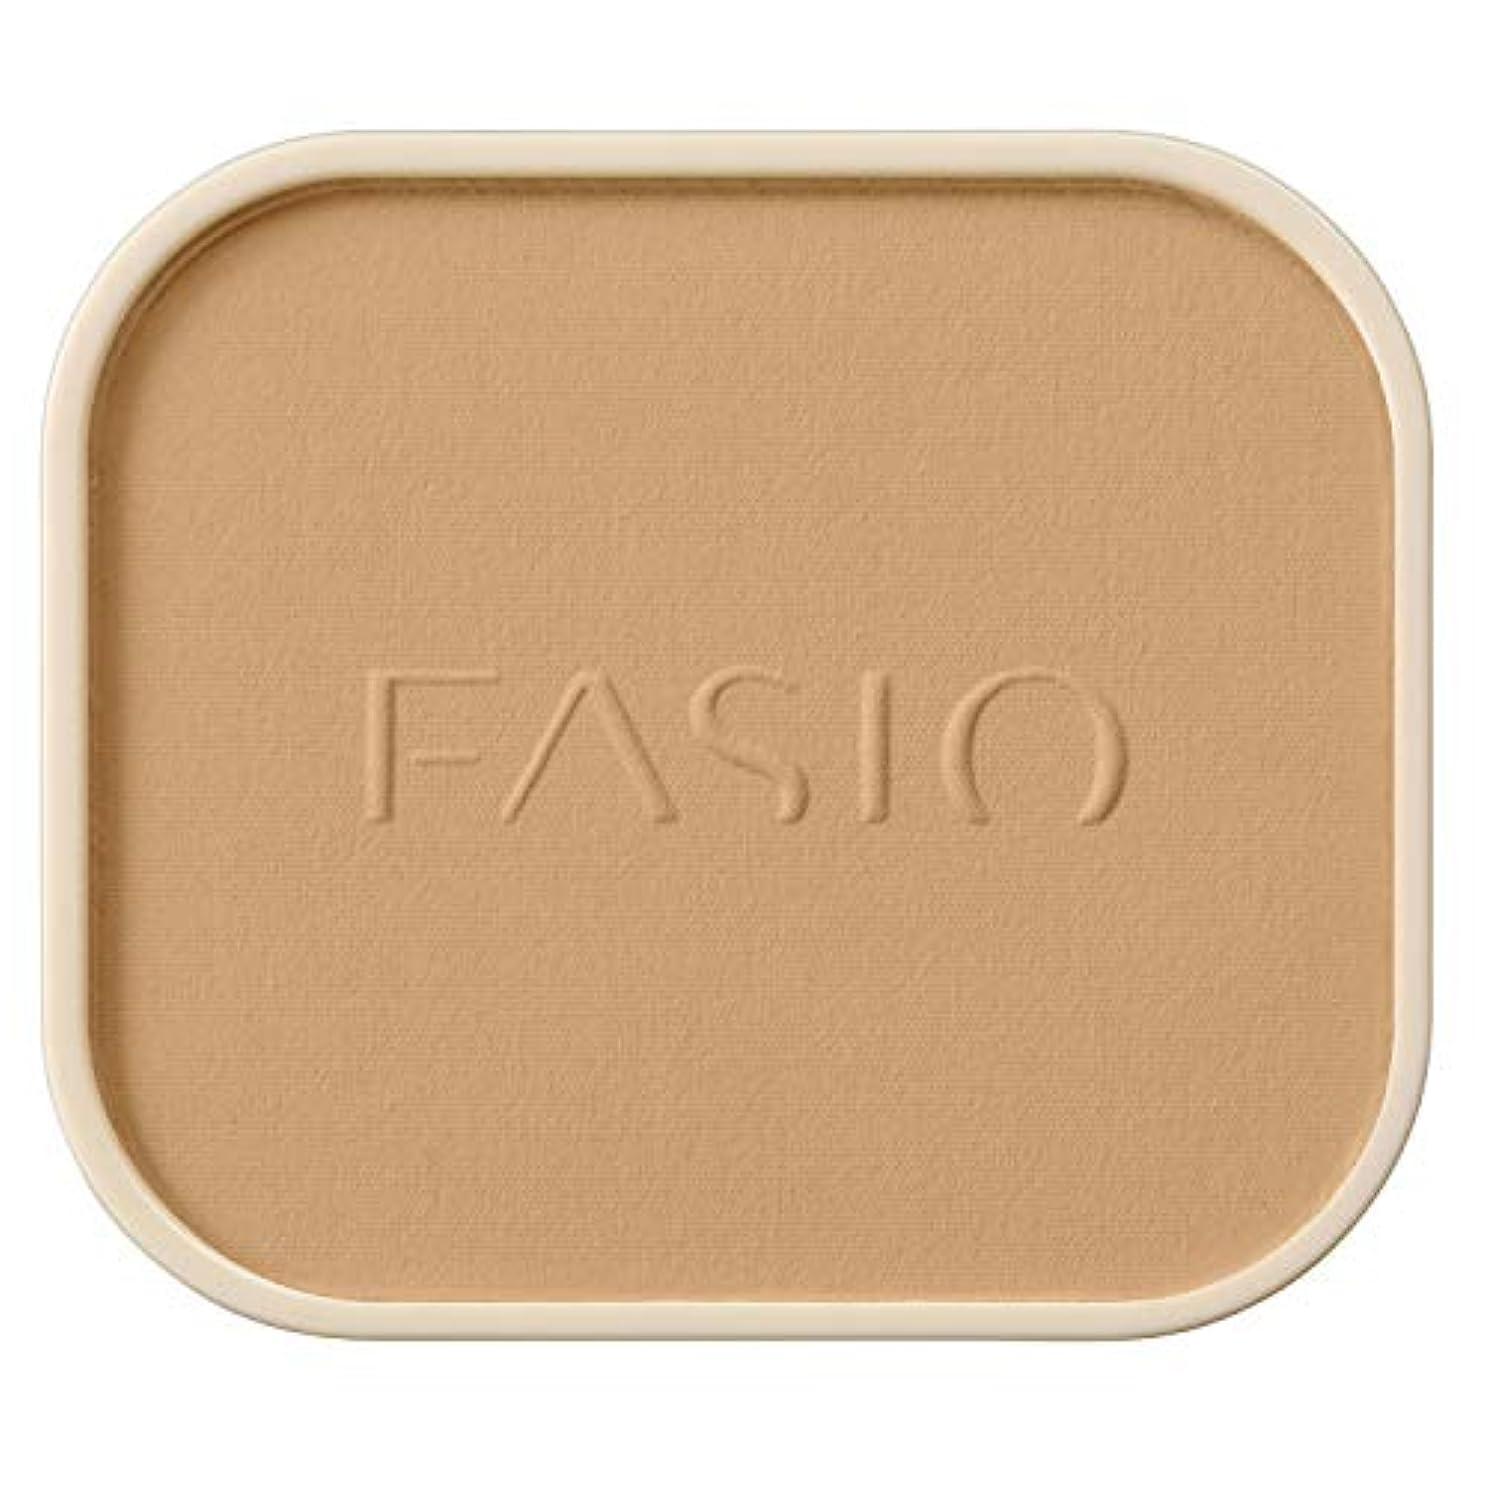 ファシオ ラスティング ファンデーション WP オークル 410 10g